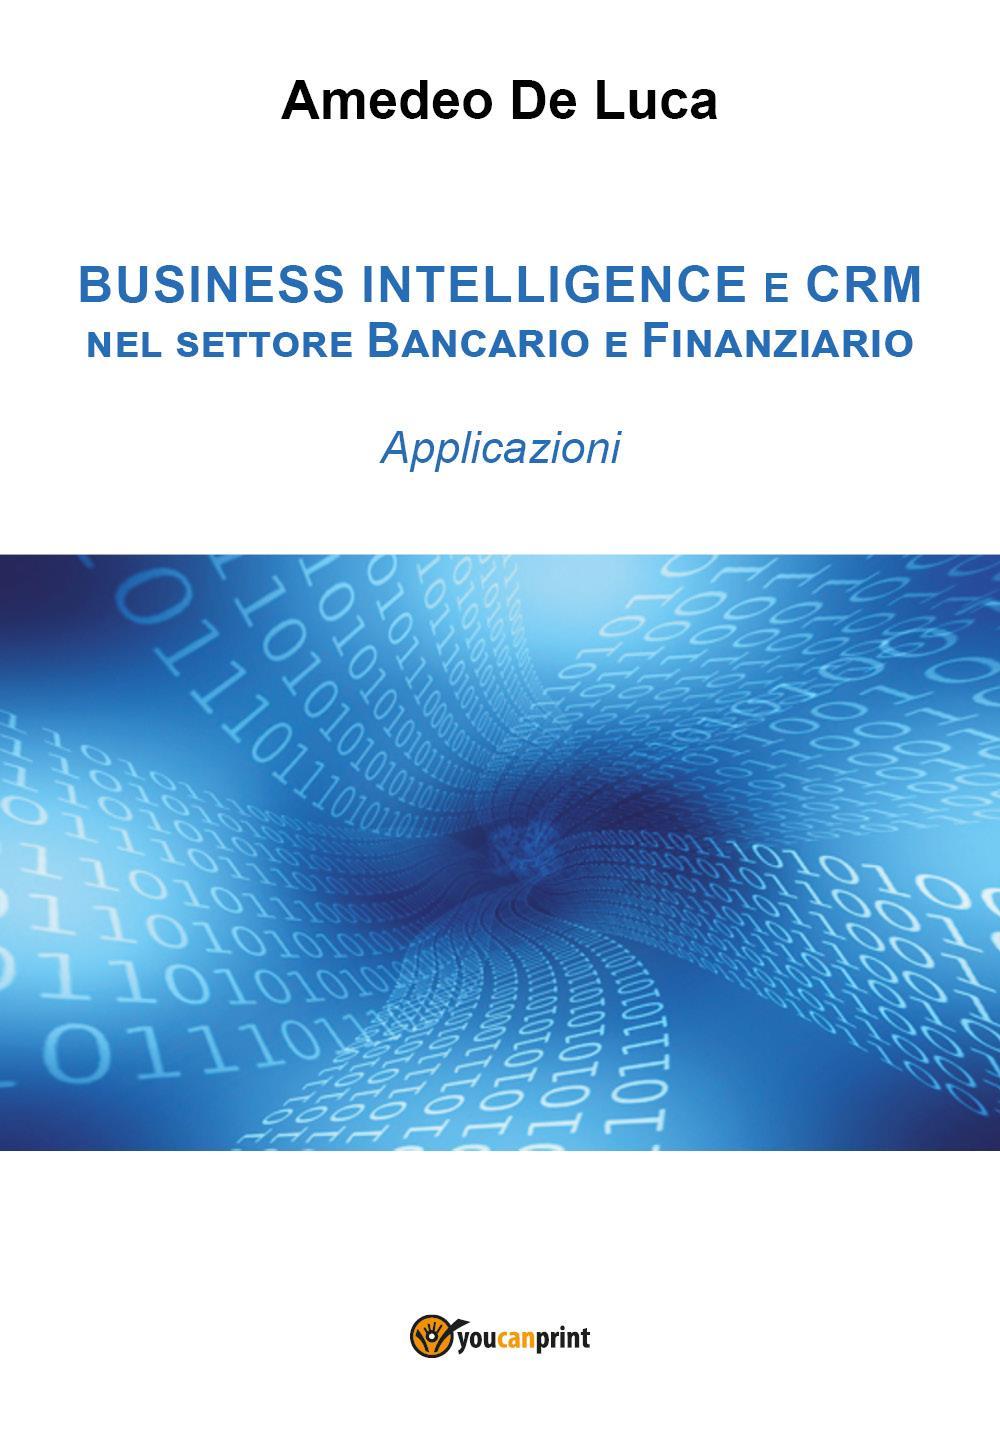 Crm e business intelligence nel settore finanziario. Applicazioni